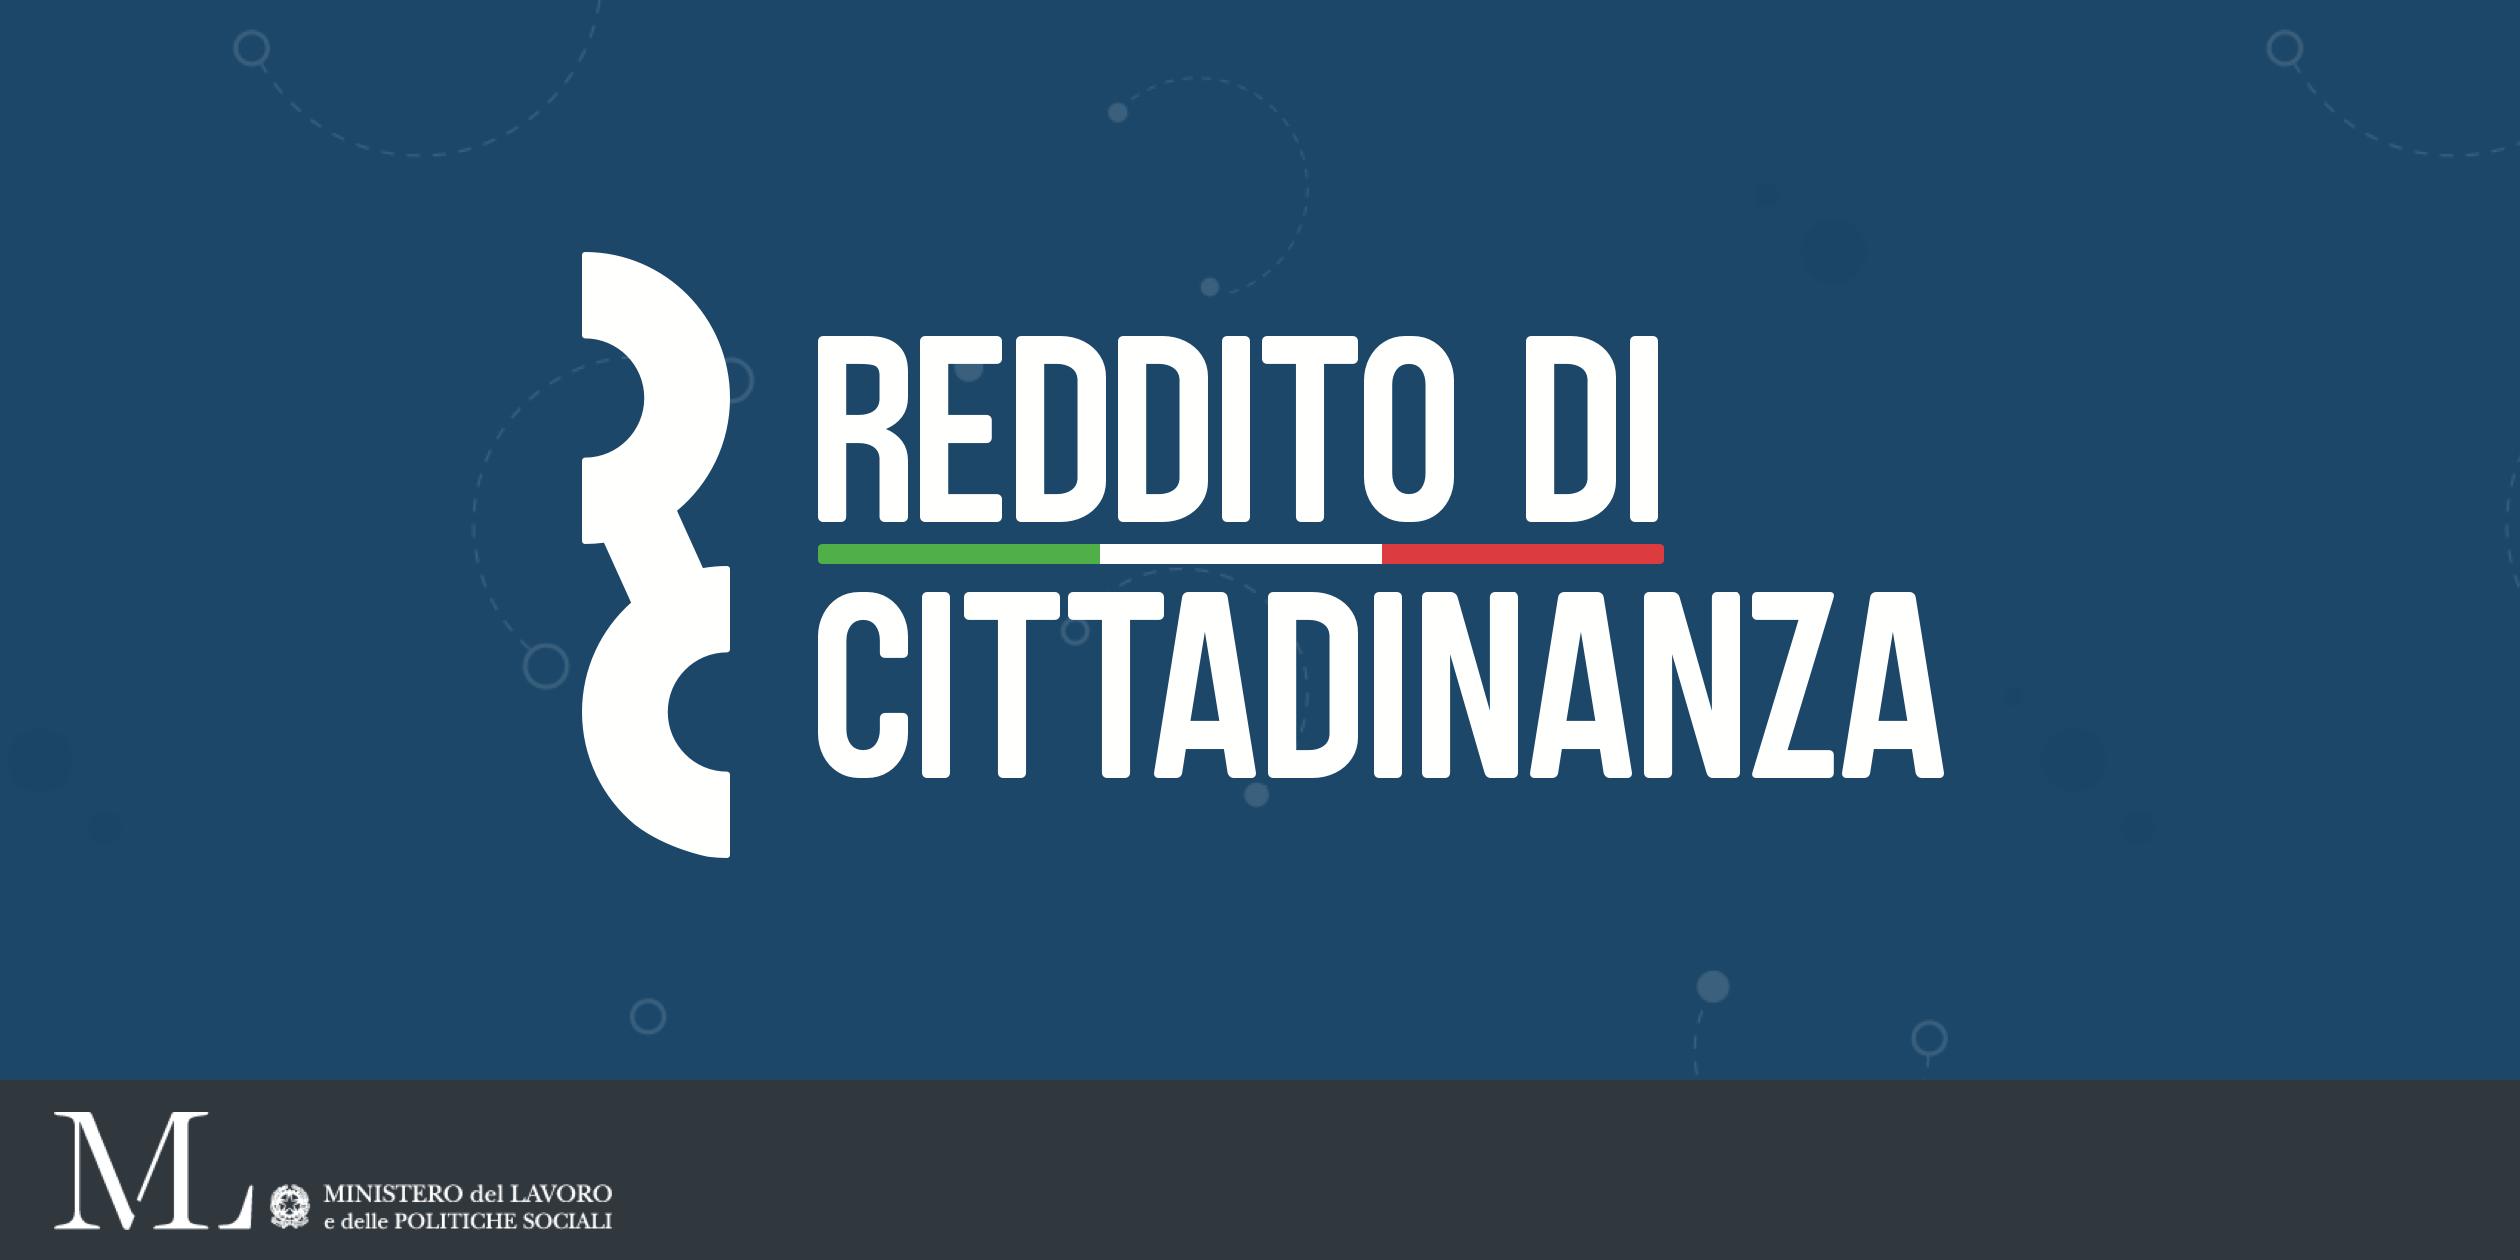 Logo Reddito di cittadinanza